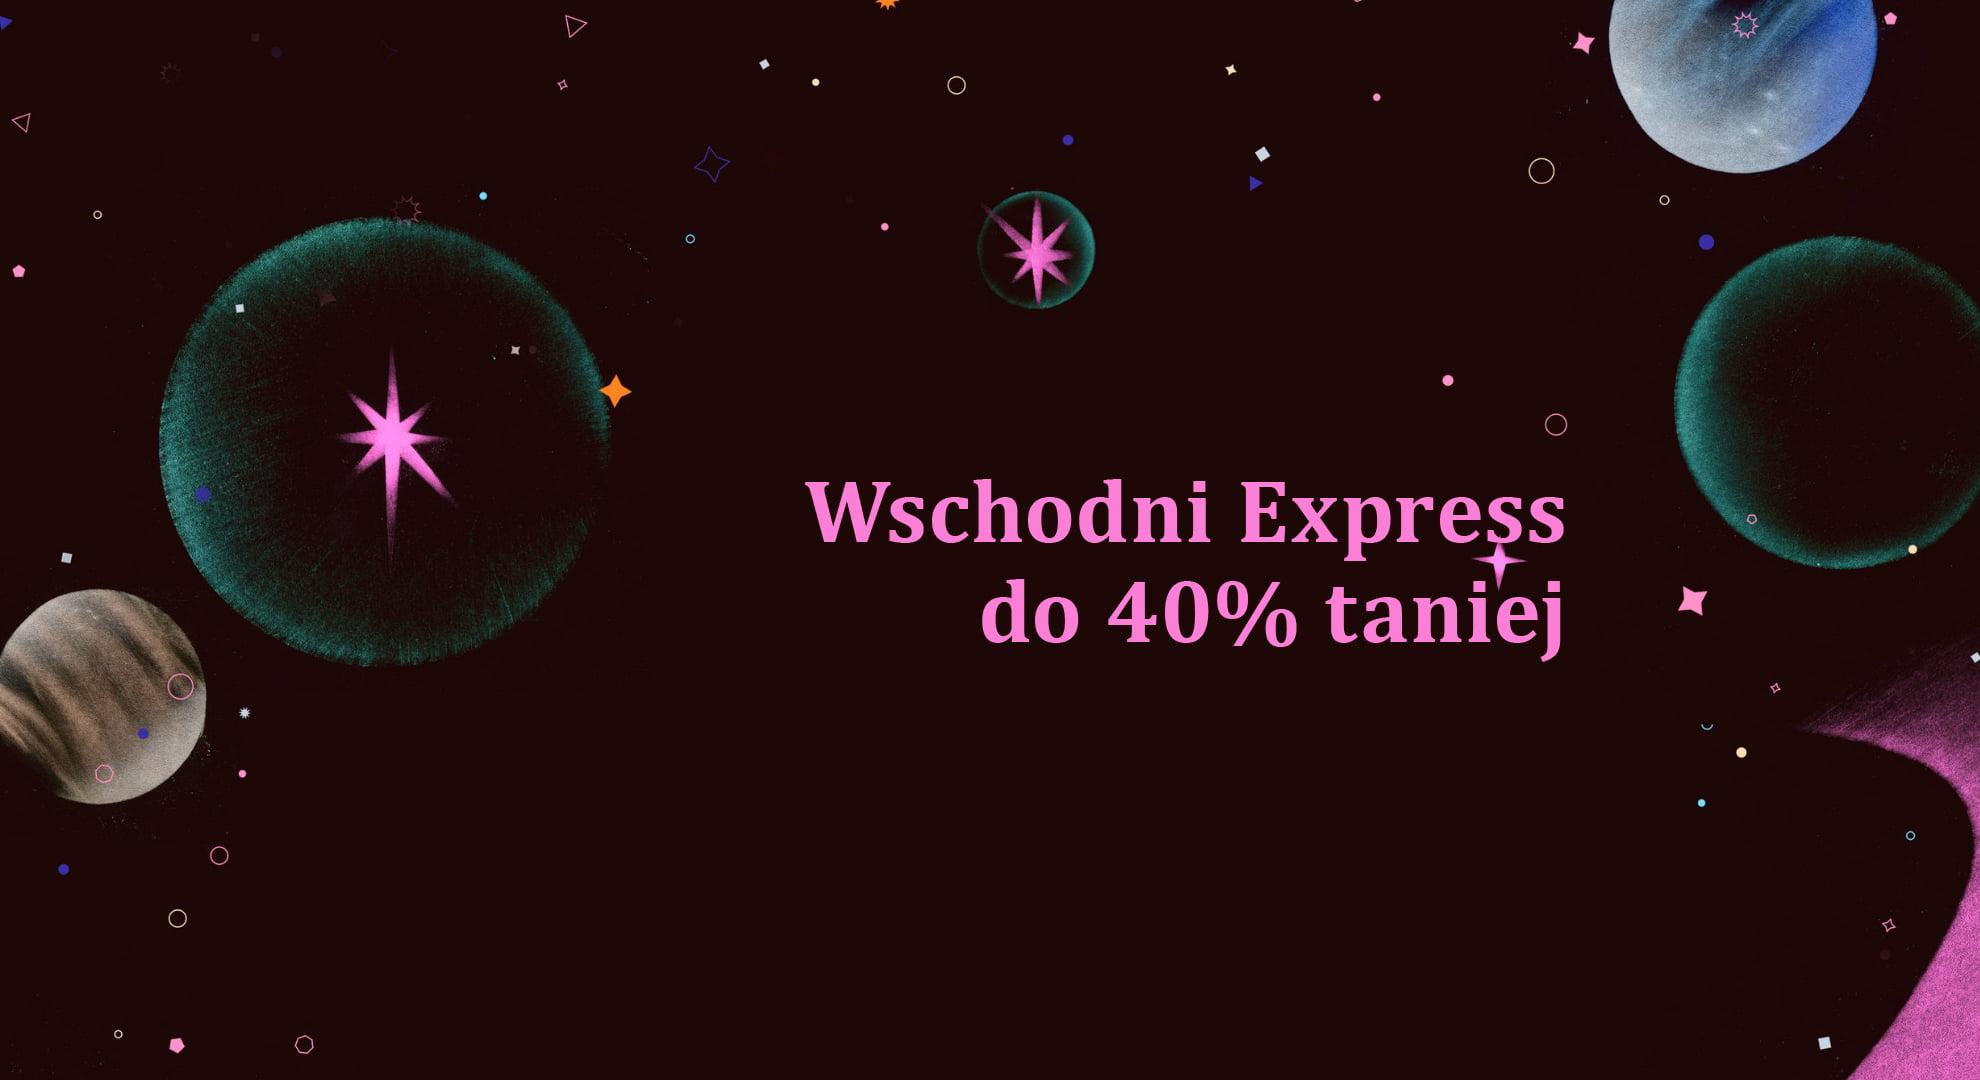 """Tekst na grafice: """"Wschodni Express do 40% taniej""""."""